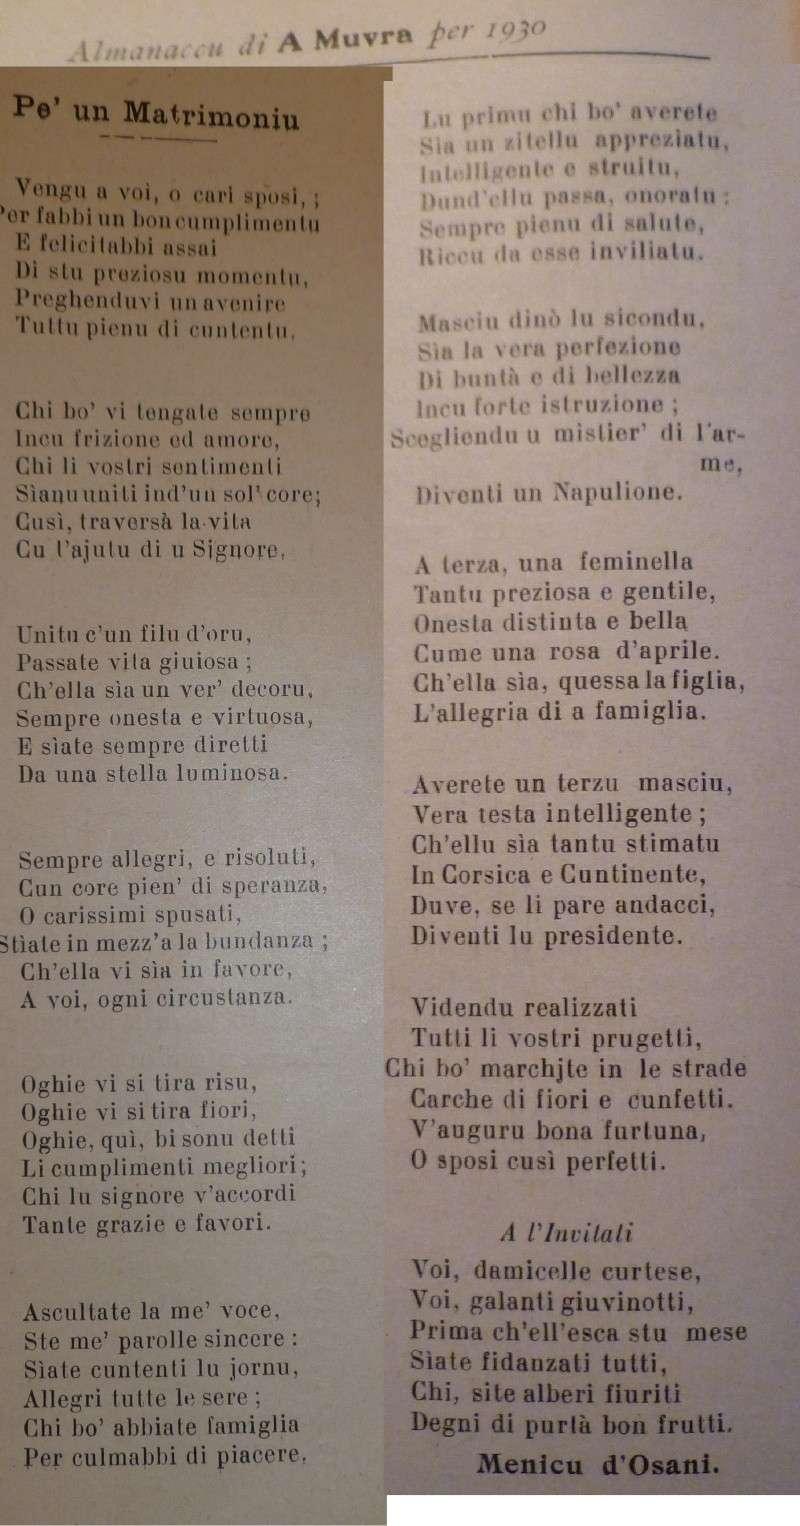 """Ceccaldi Dumenicu """"Menicu  d'Osani"""" Pa_un_10"""